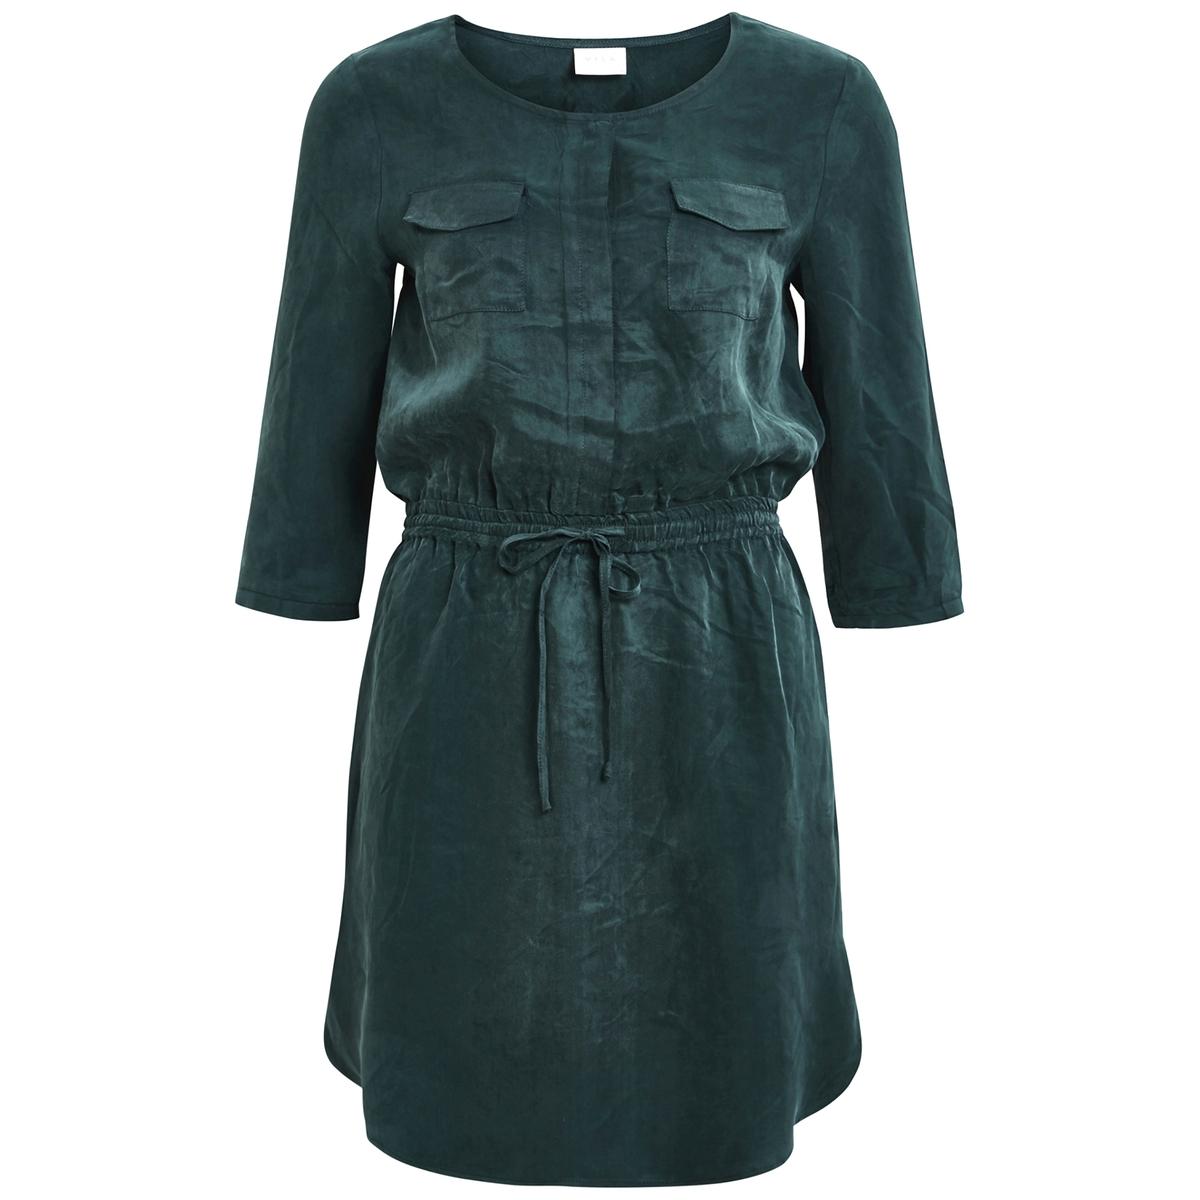 Платье облегающее короткое однотонное, с длинными рукавами платье облегающее короткое однотонное с длинными рукавами